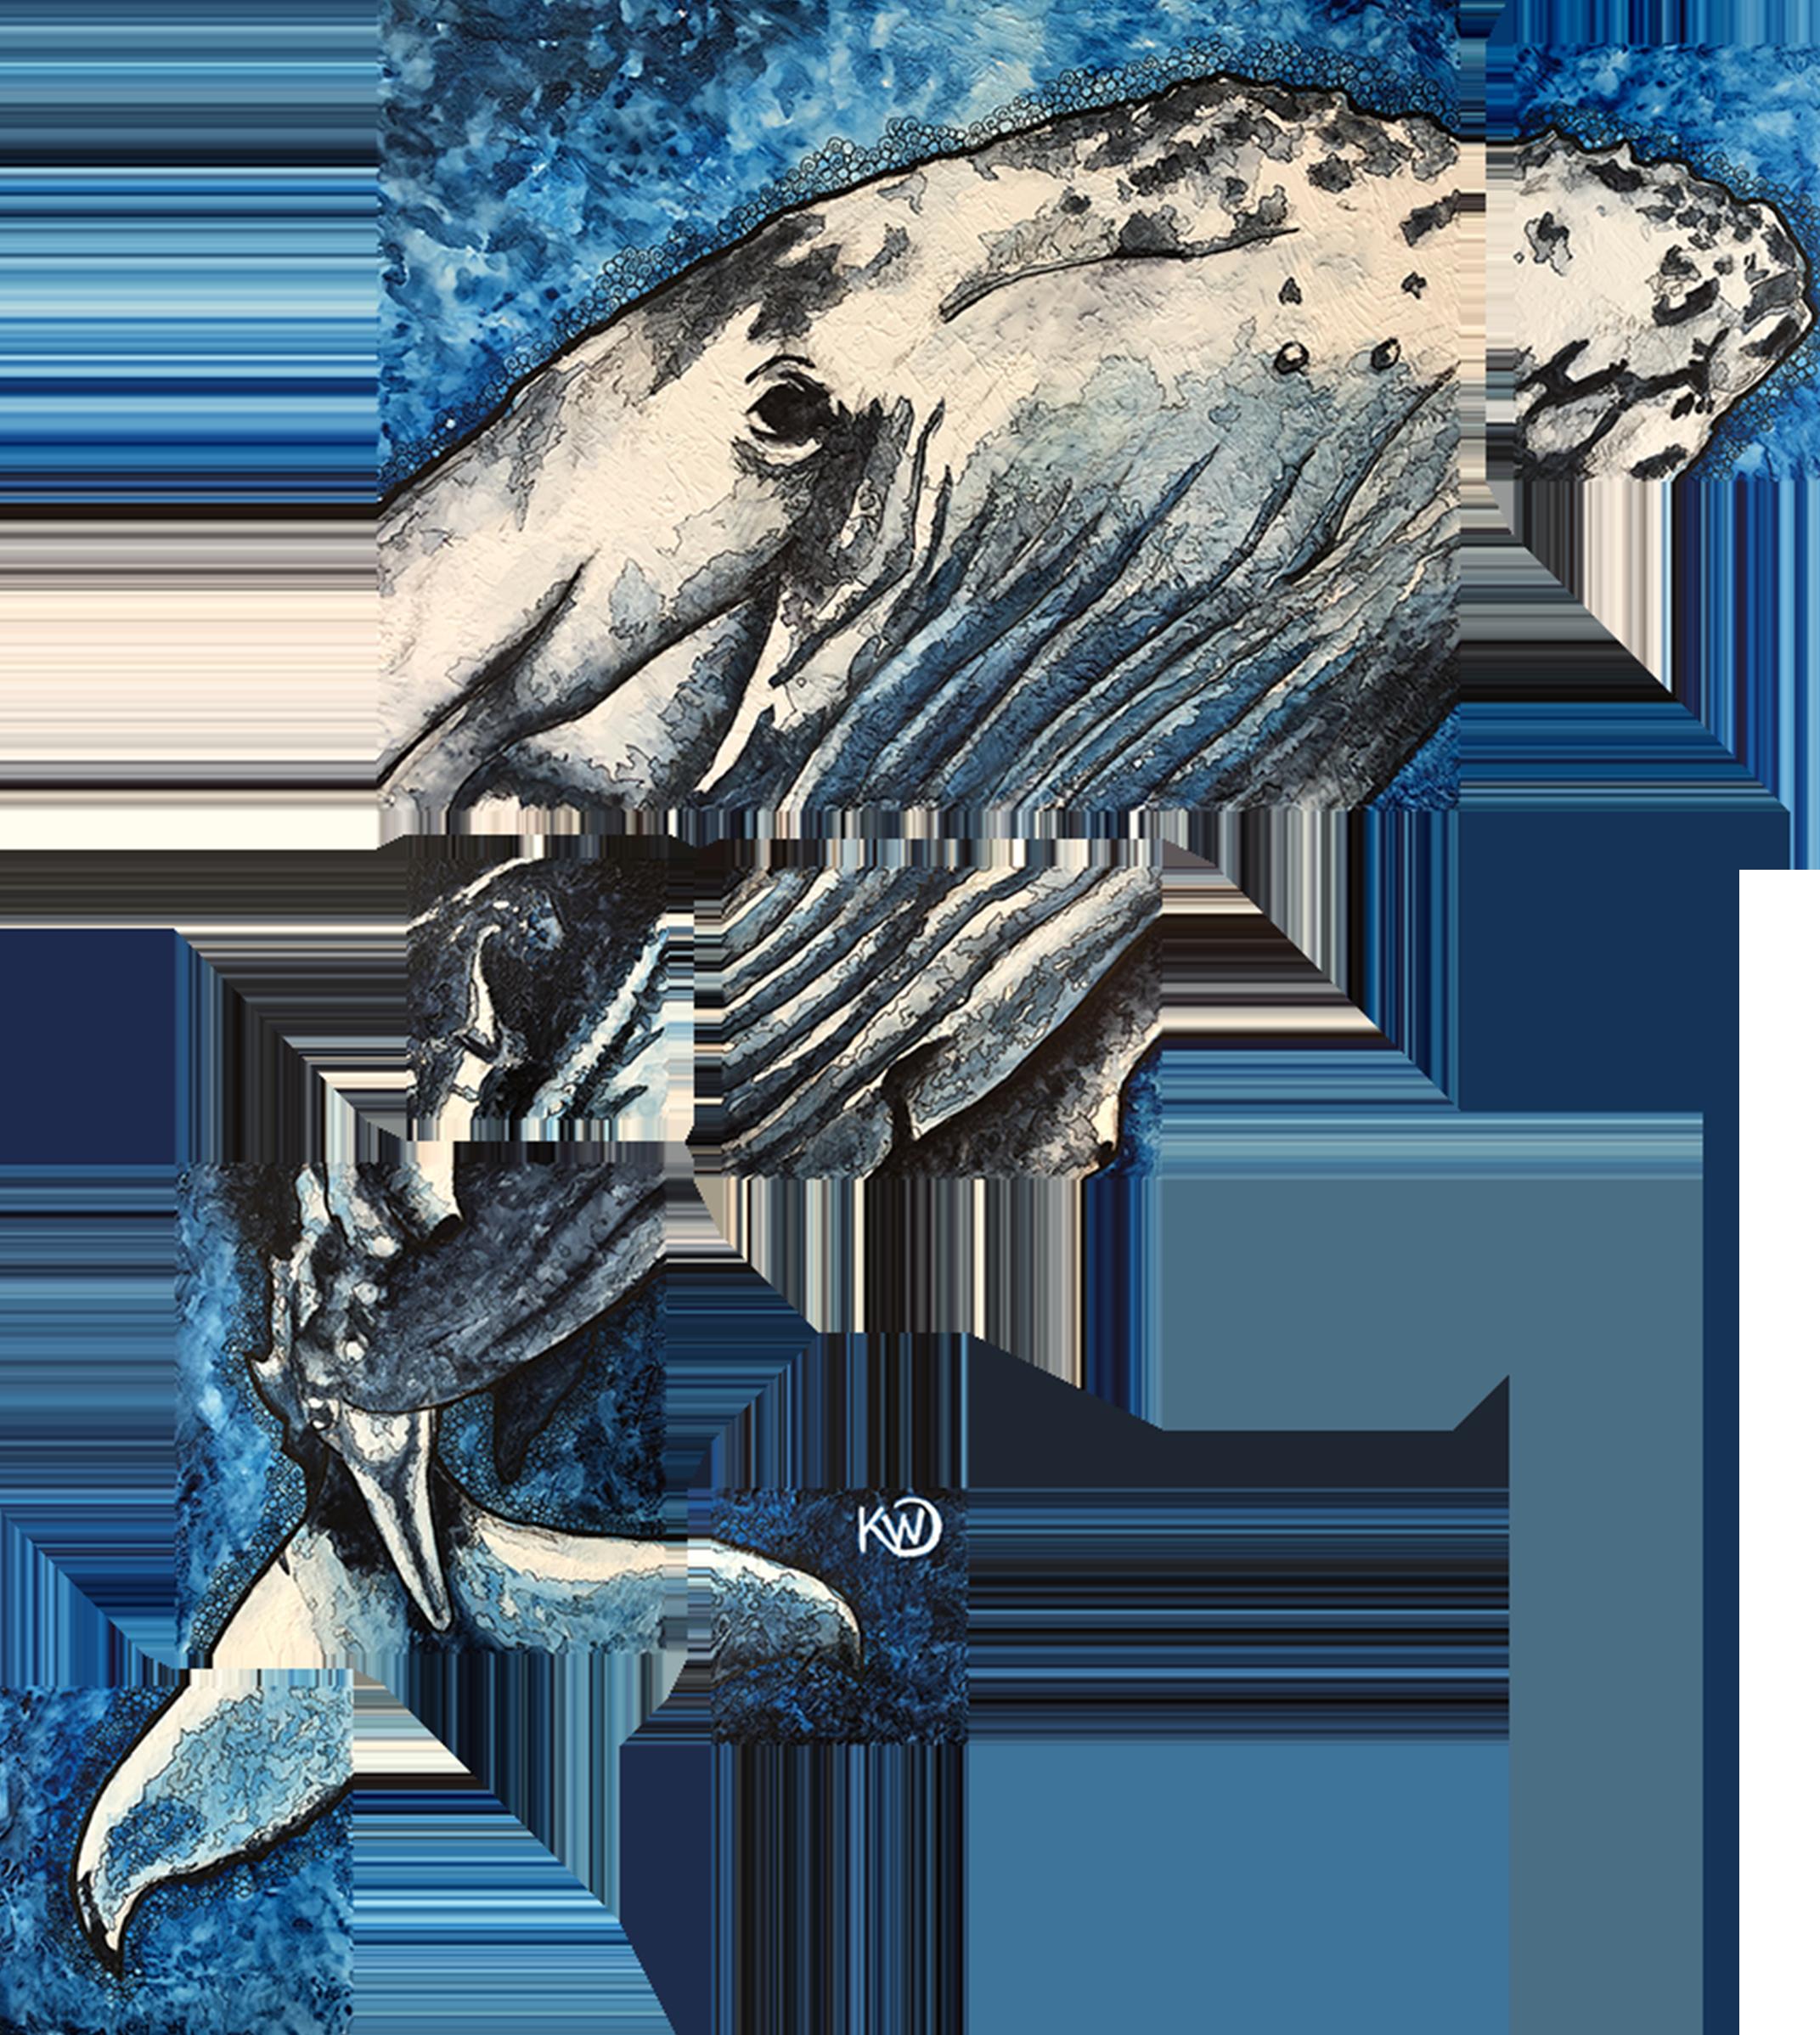 Humpbackwhale zbsyjg